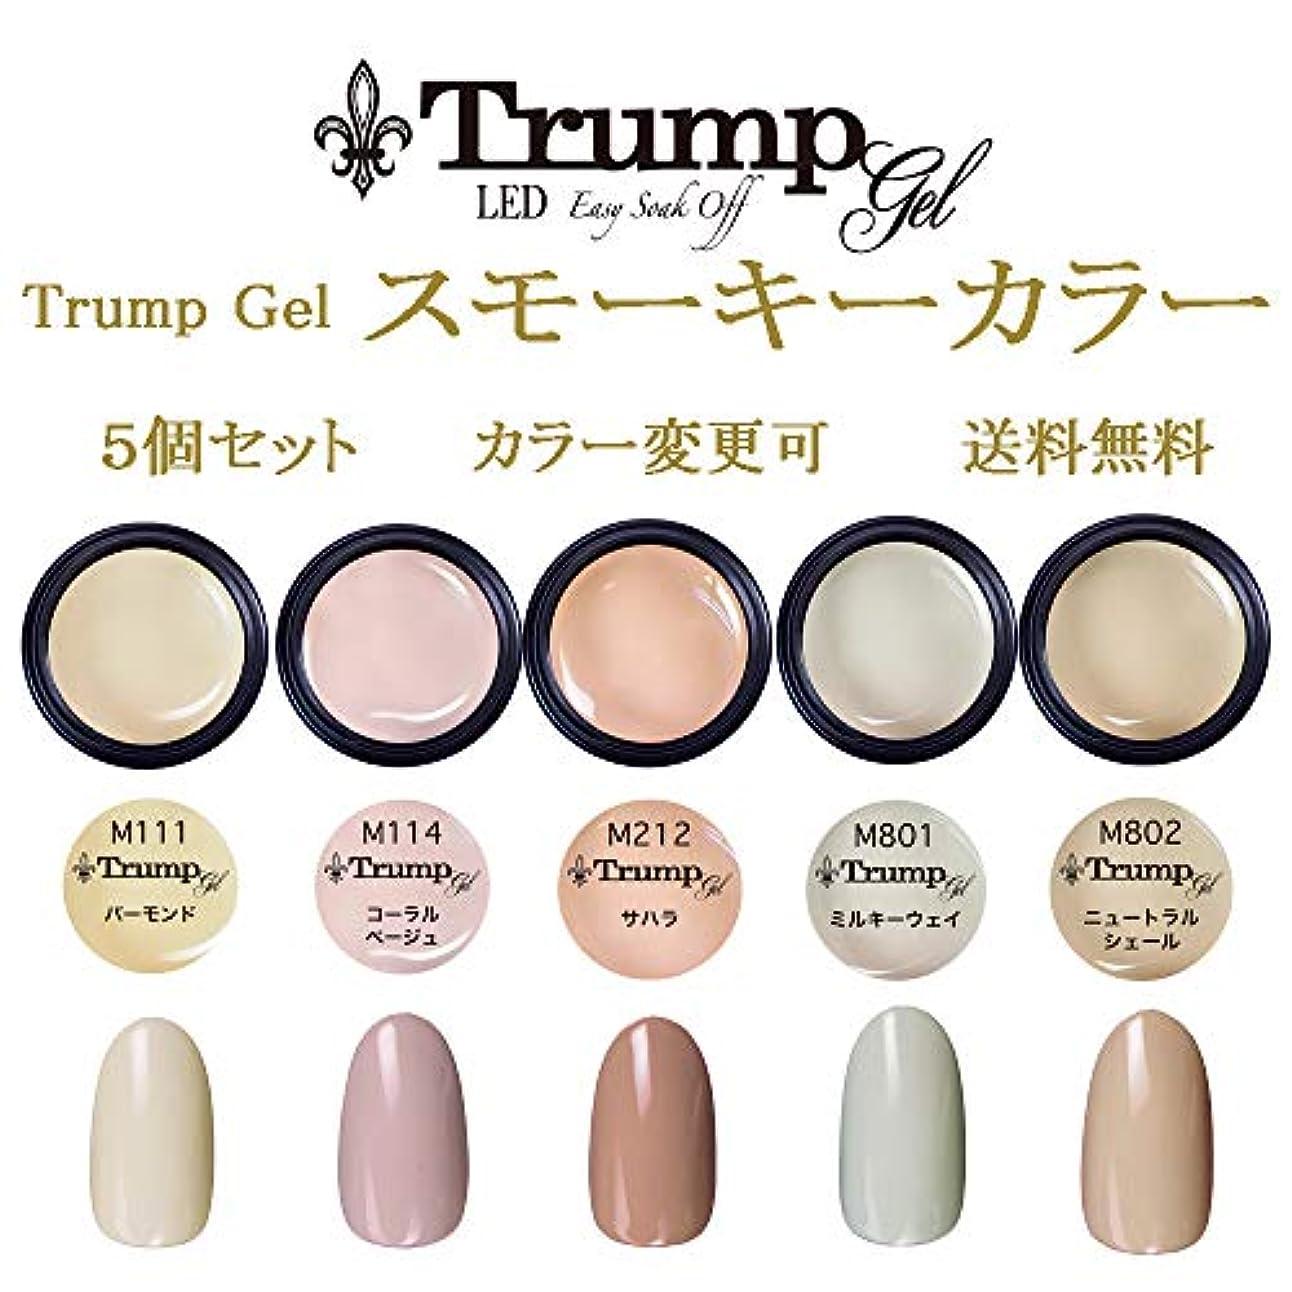 外交官無礼にニコチン日本製 Trump gel トランプジェル スモーキーカラー 選べる カラージェル 5個セット スモーク ベージュ グレー ブラウン ピンク